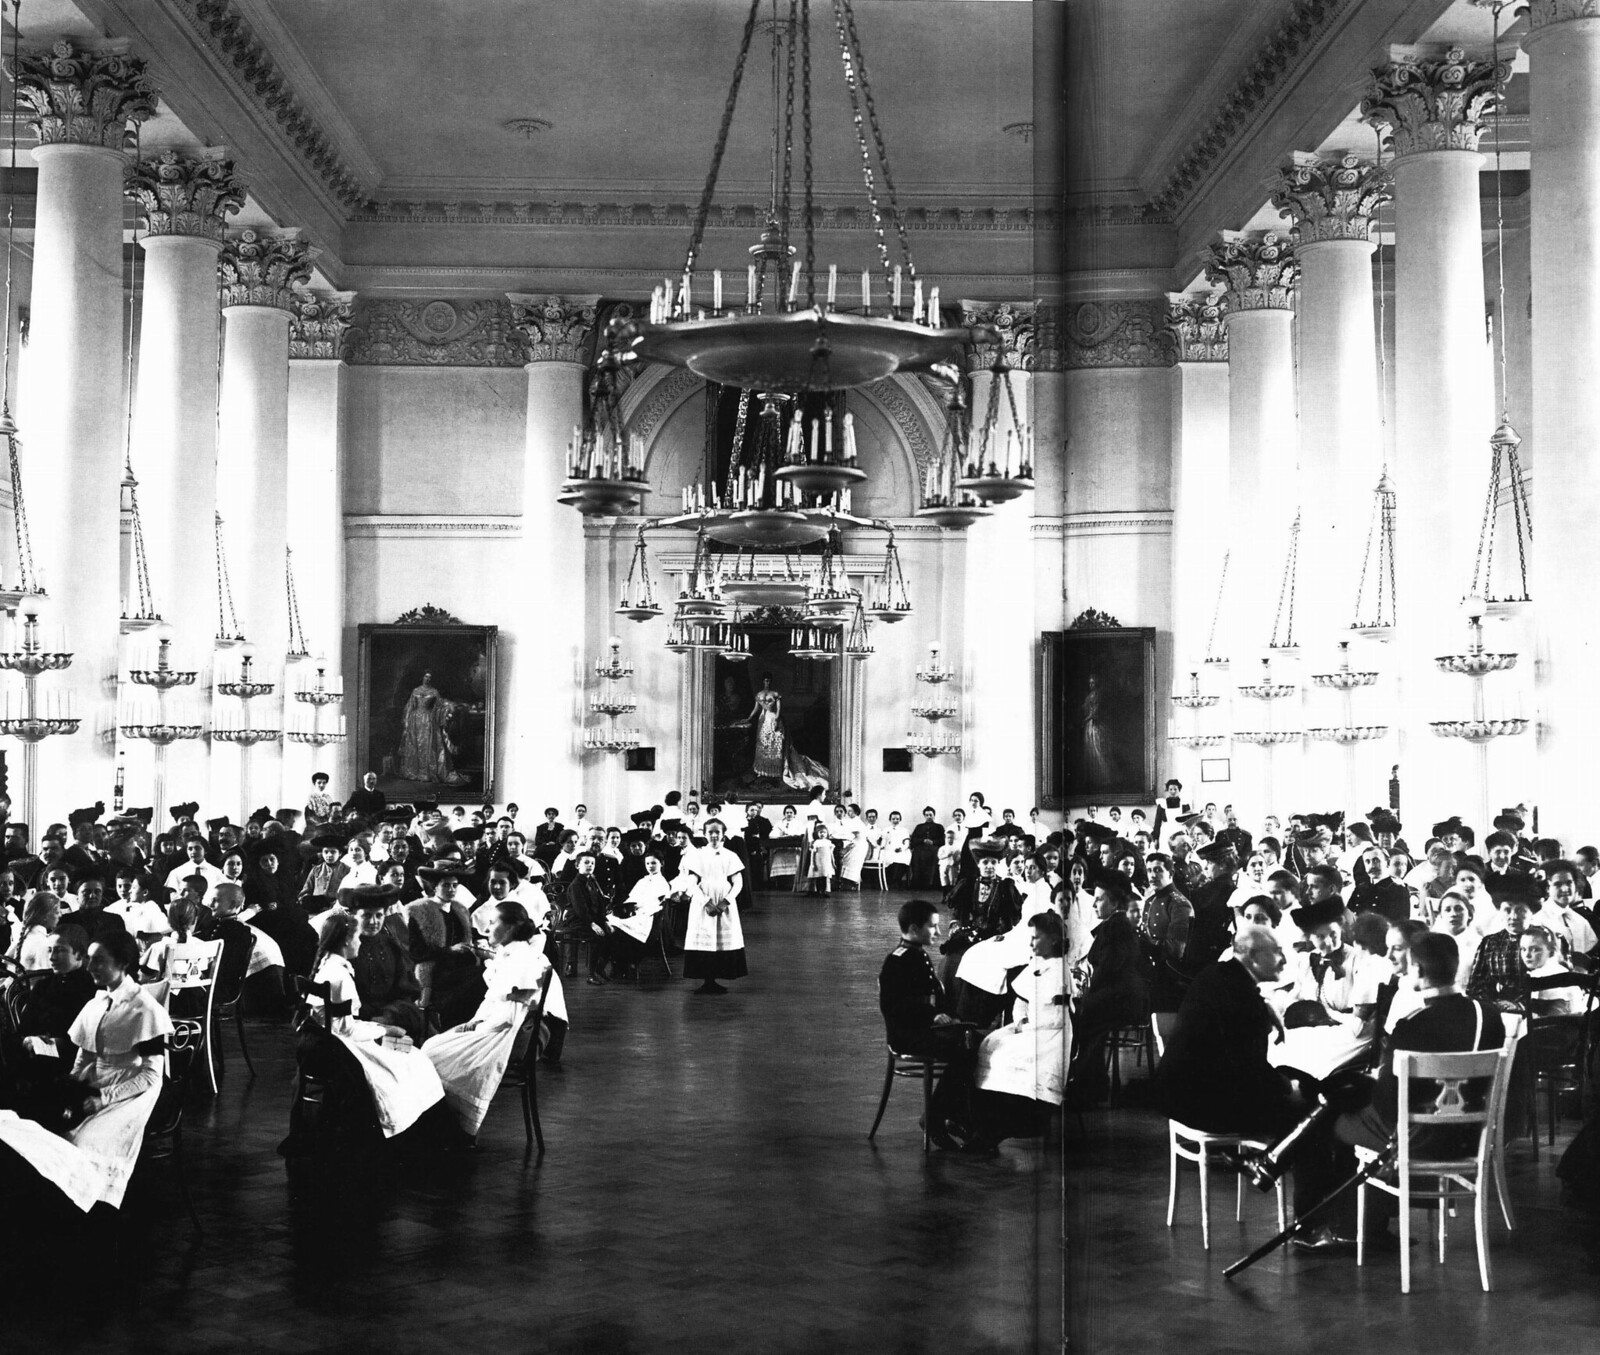 1913. Приёмный зал Смольного института. Среди посетителей - воспитанники военных учебных заведений